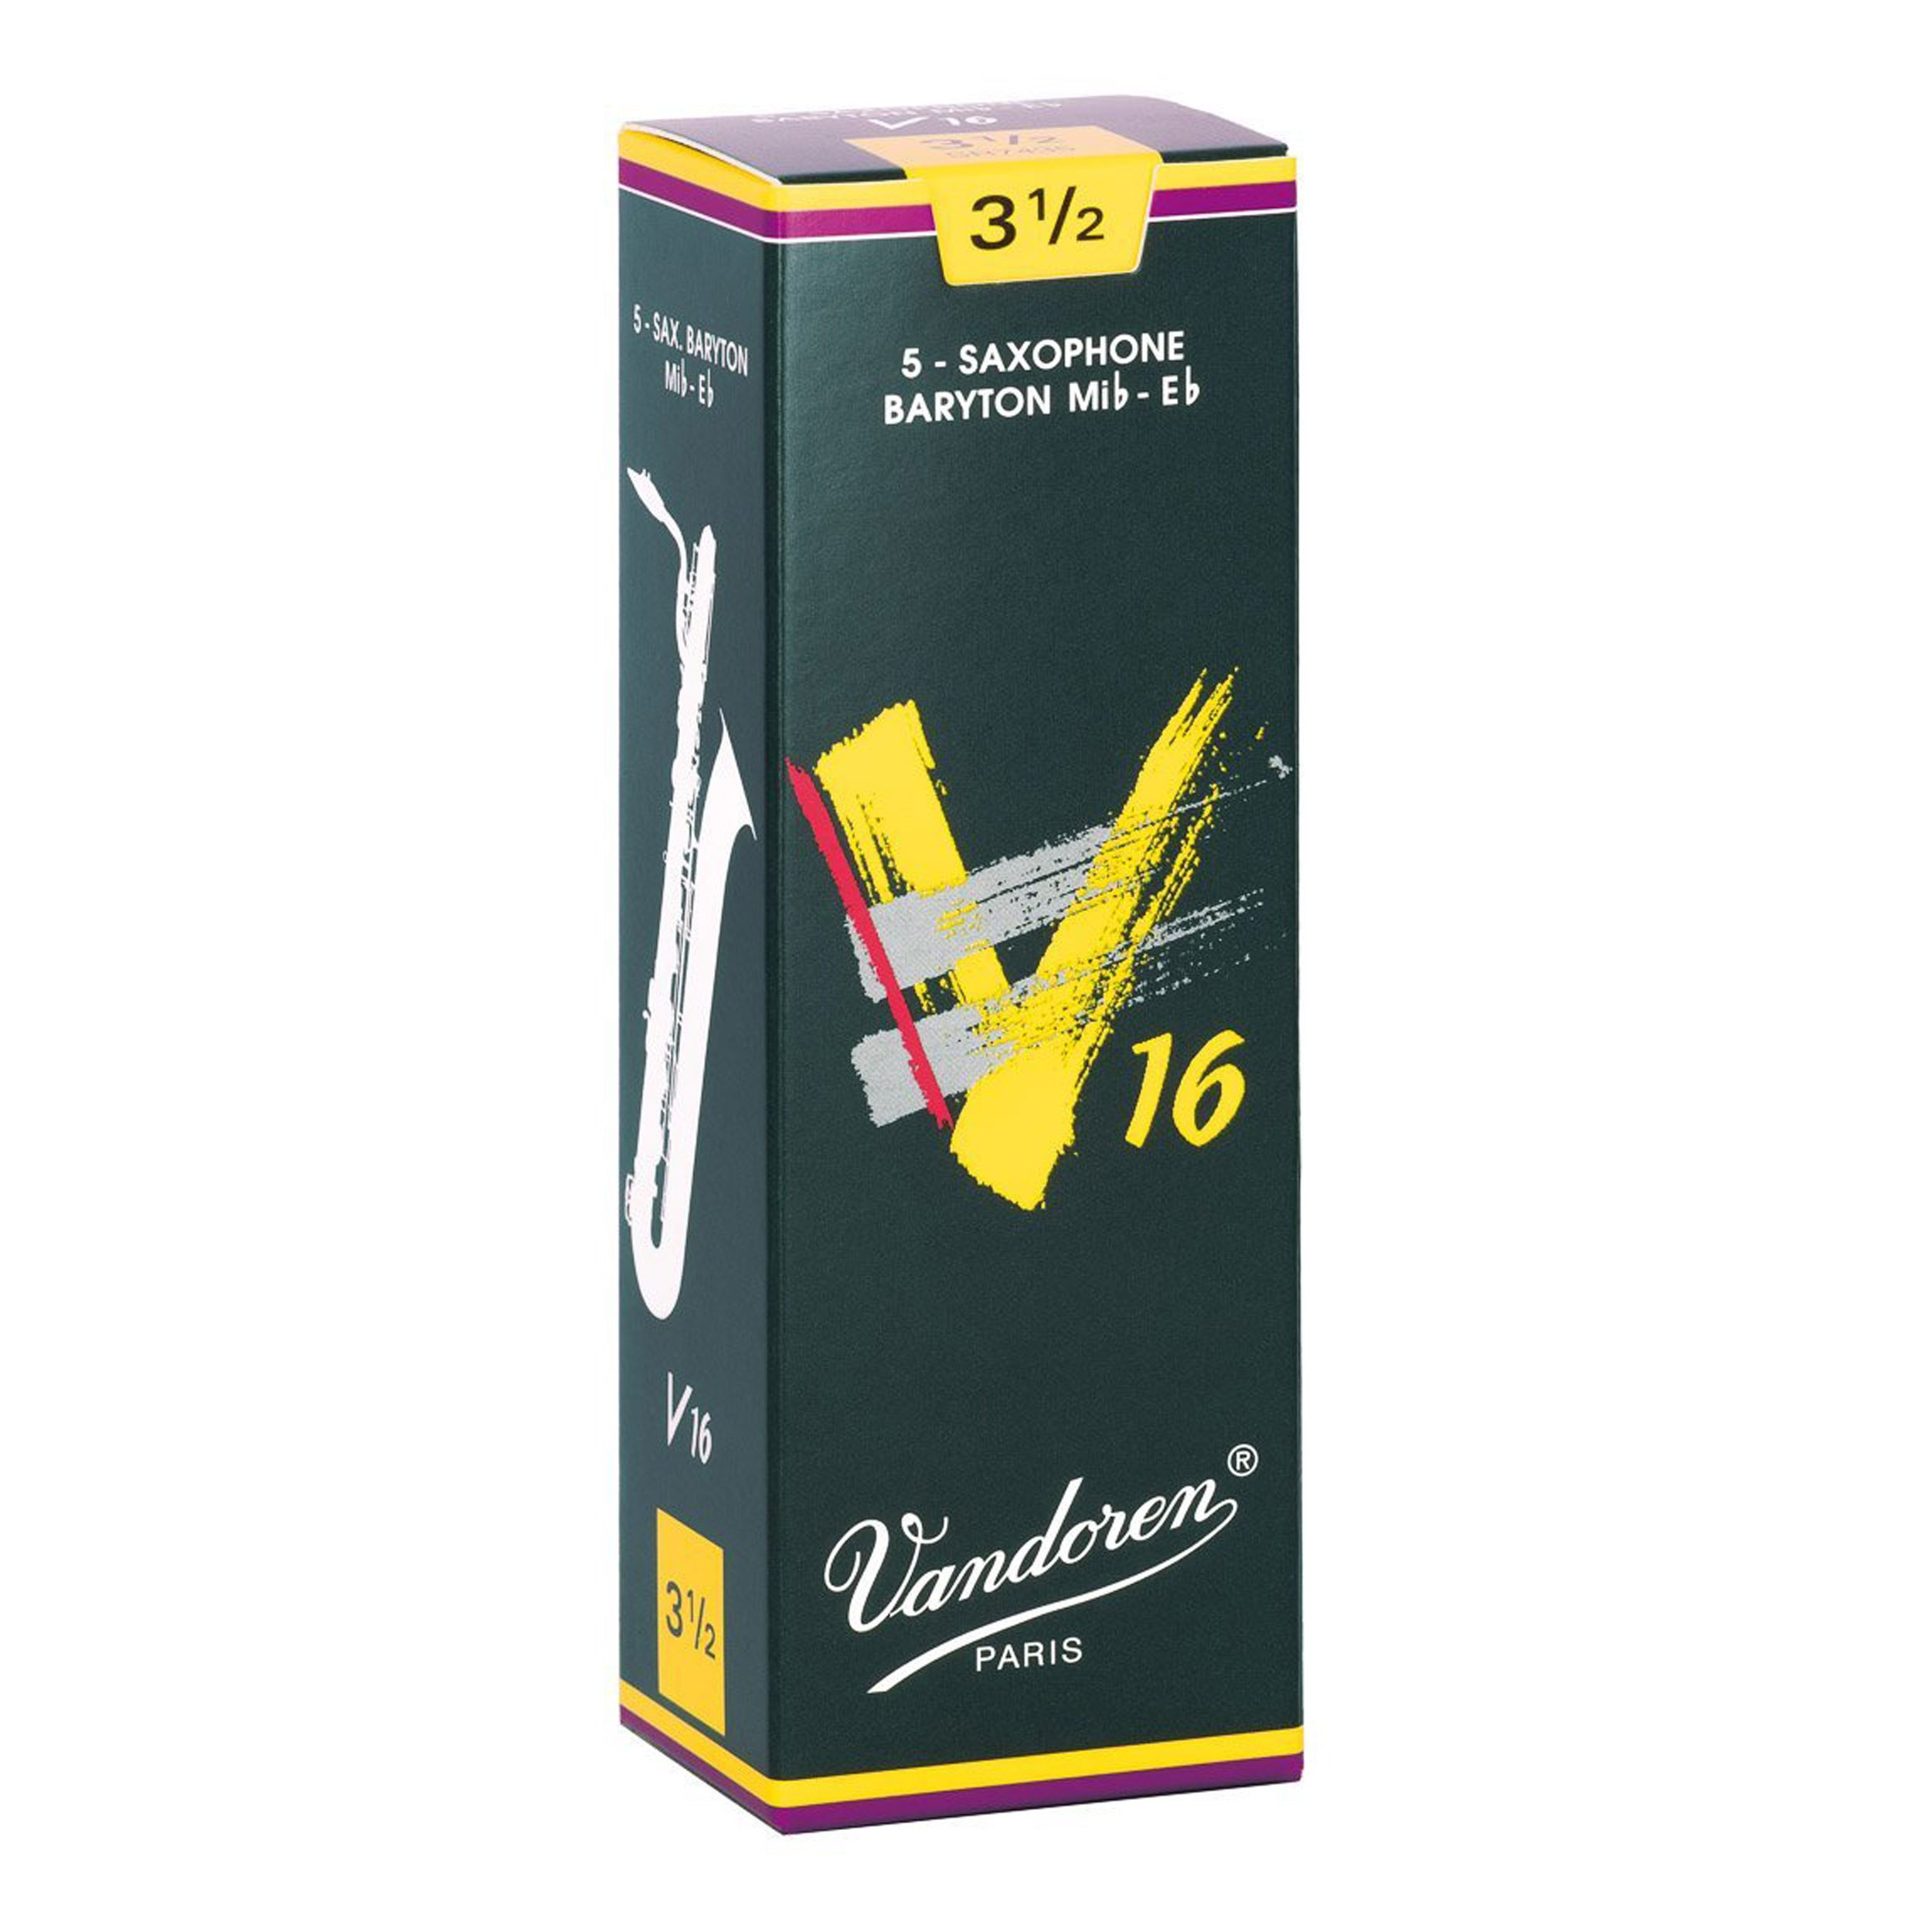 Vandoren SR7435 Baritone Sax V16 Strength 3.5, Box of 5 Reeds